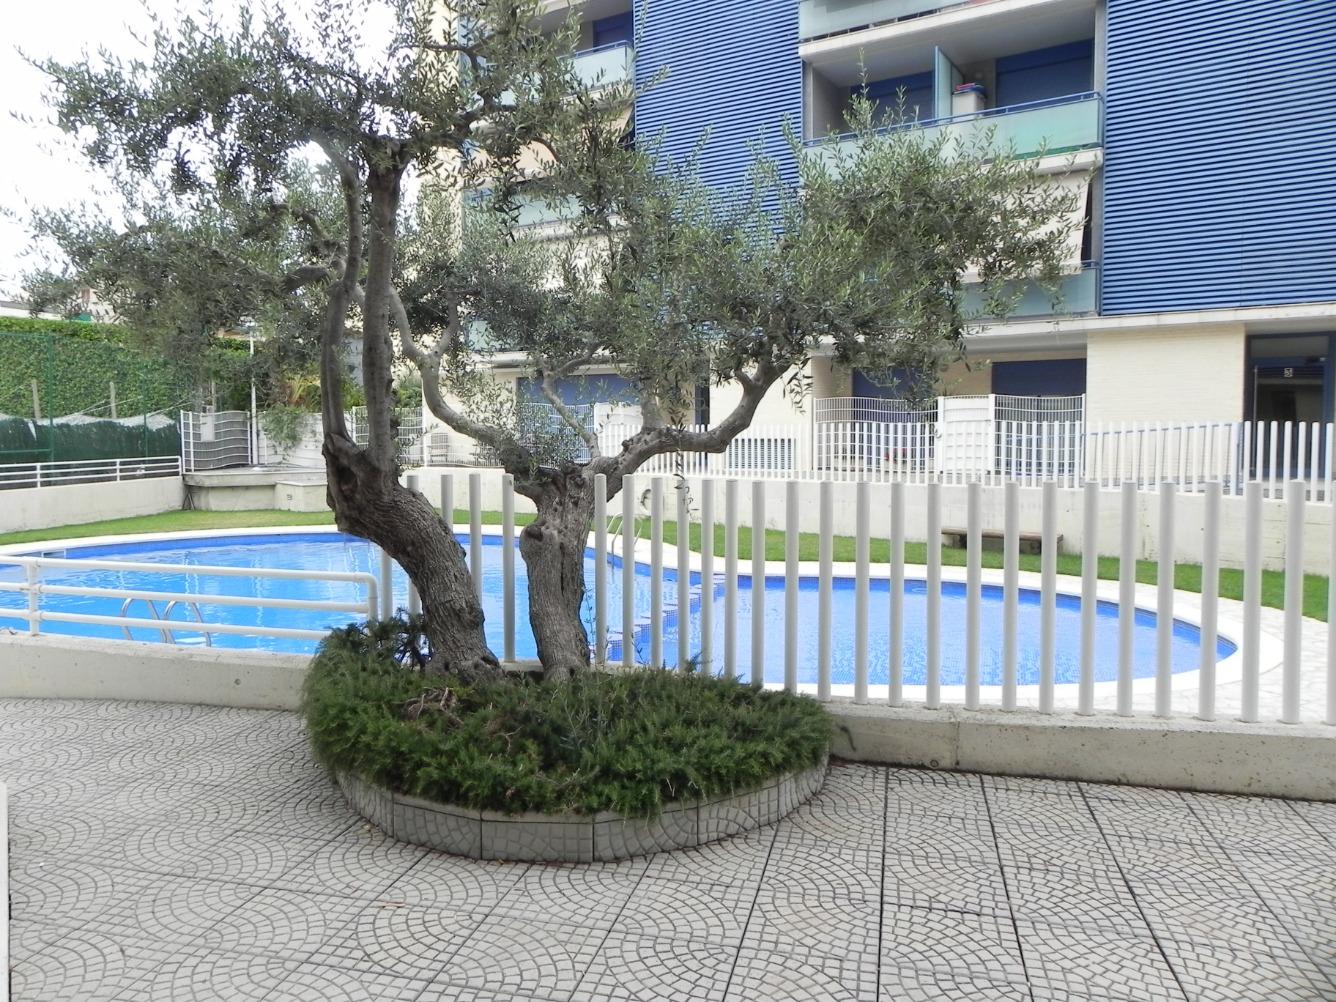 Pis  Torredembarra, zona de - torredembarra. Precioso piso a estrenar a 100 m de la playa de torredembarra. e